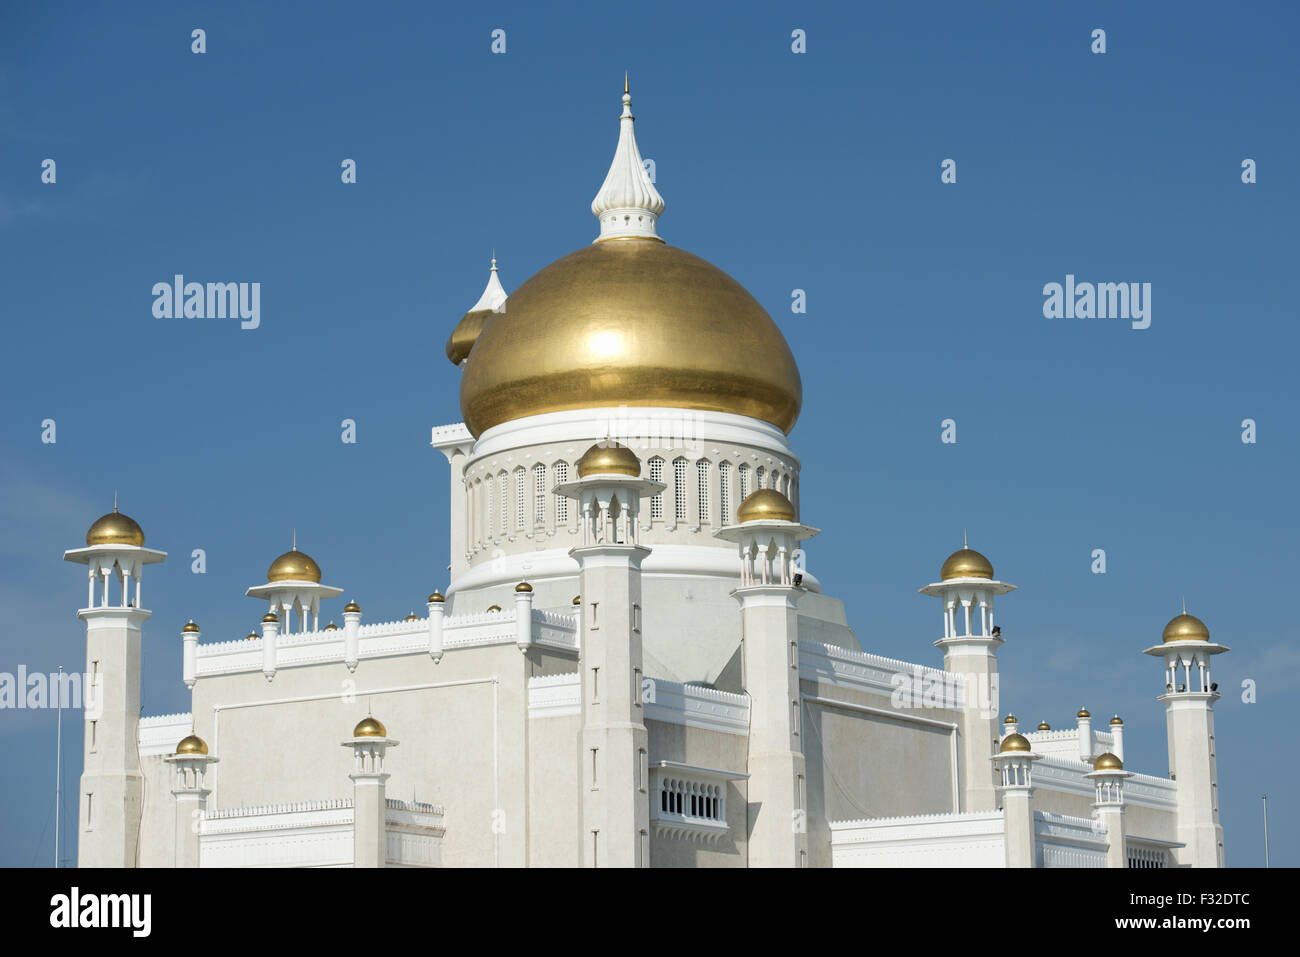 Vista della Moschea con cupola in oro e marmo minerets, Sultan Moschea di Omar Ali Saifuddien Bandar Seri Begawan, Immagini Stock